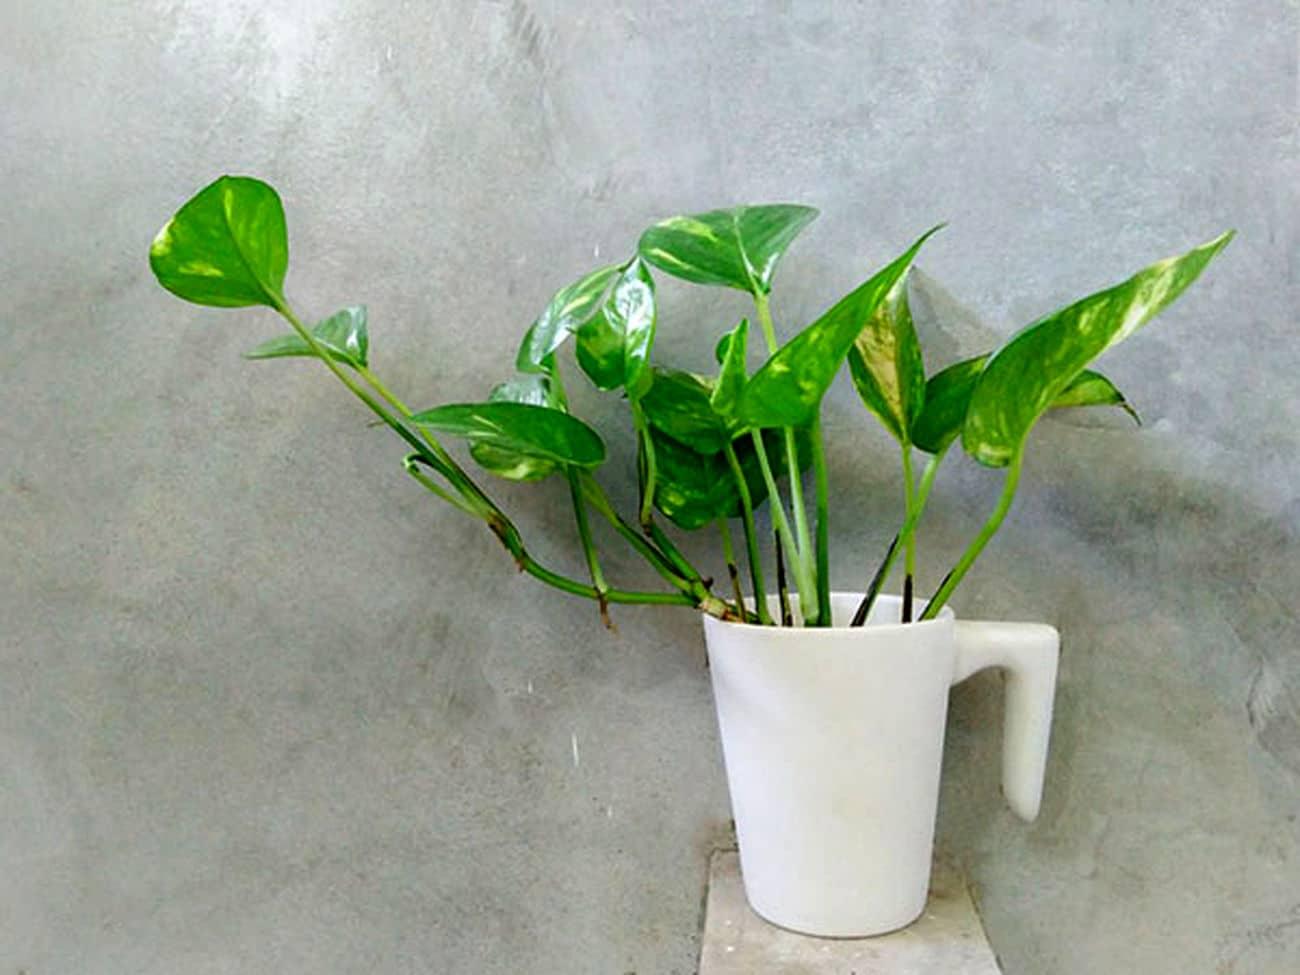 بهترین شرایط برای رشد گیاهان آپارتمانی